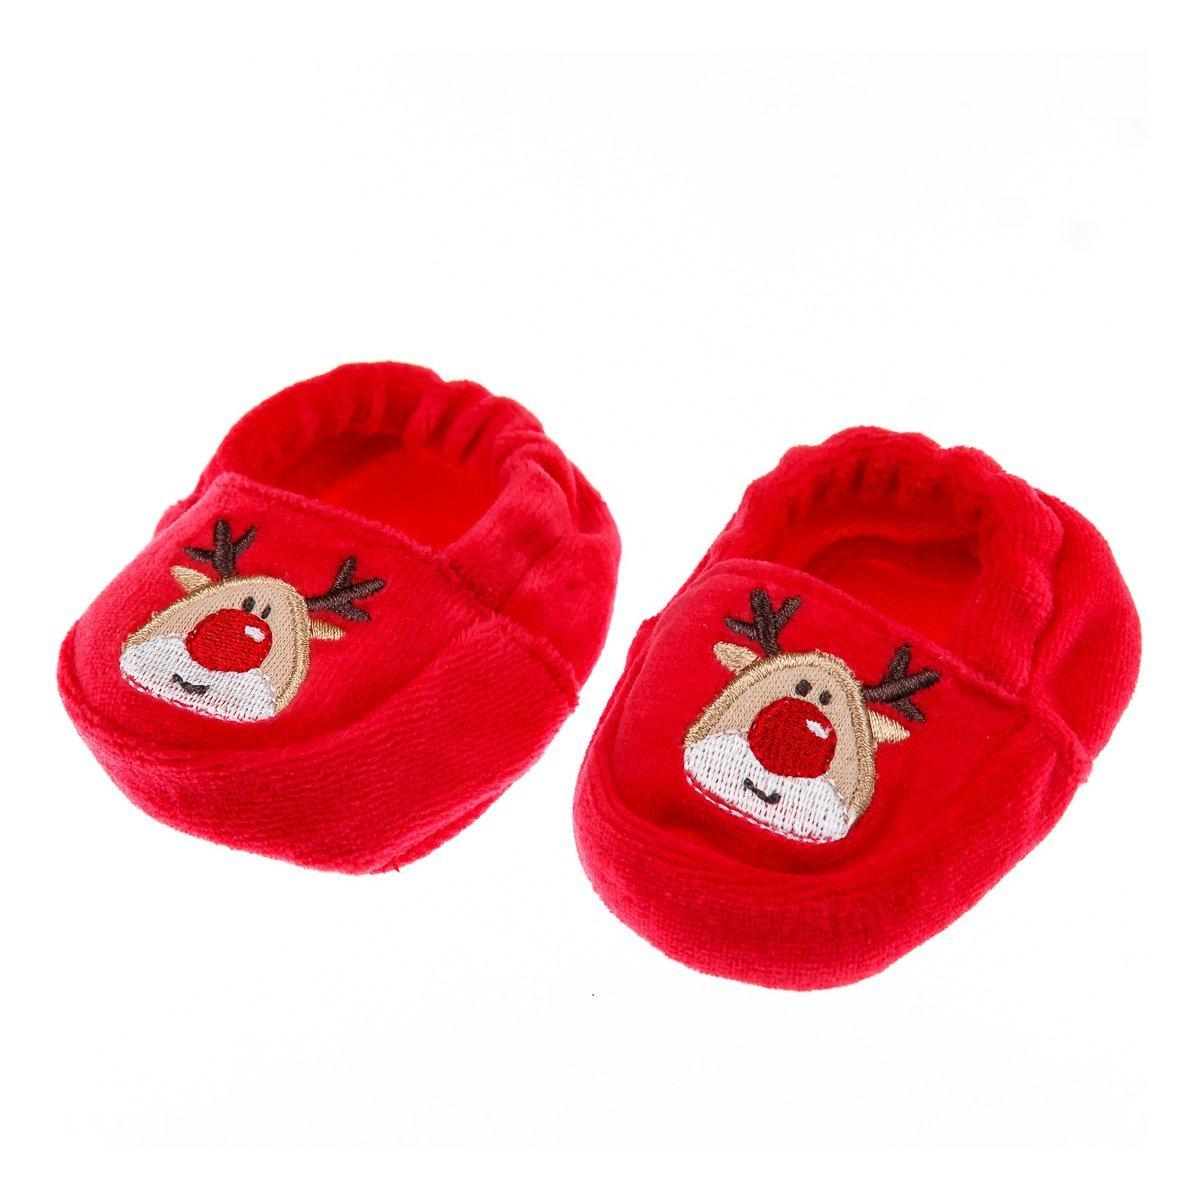 Купить Комплекты, Комплект BluKids Шапочка и пинетки, р. 50 5465810 ТМ: BluKids, красный